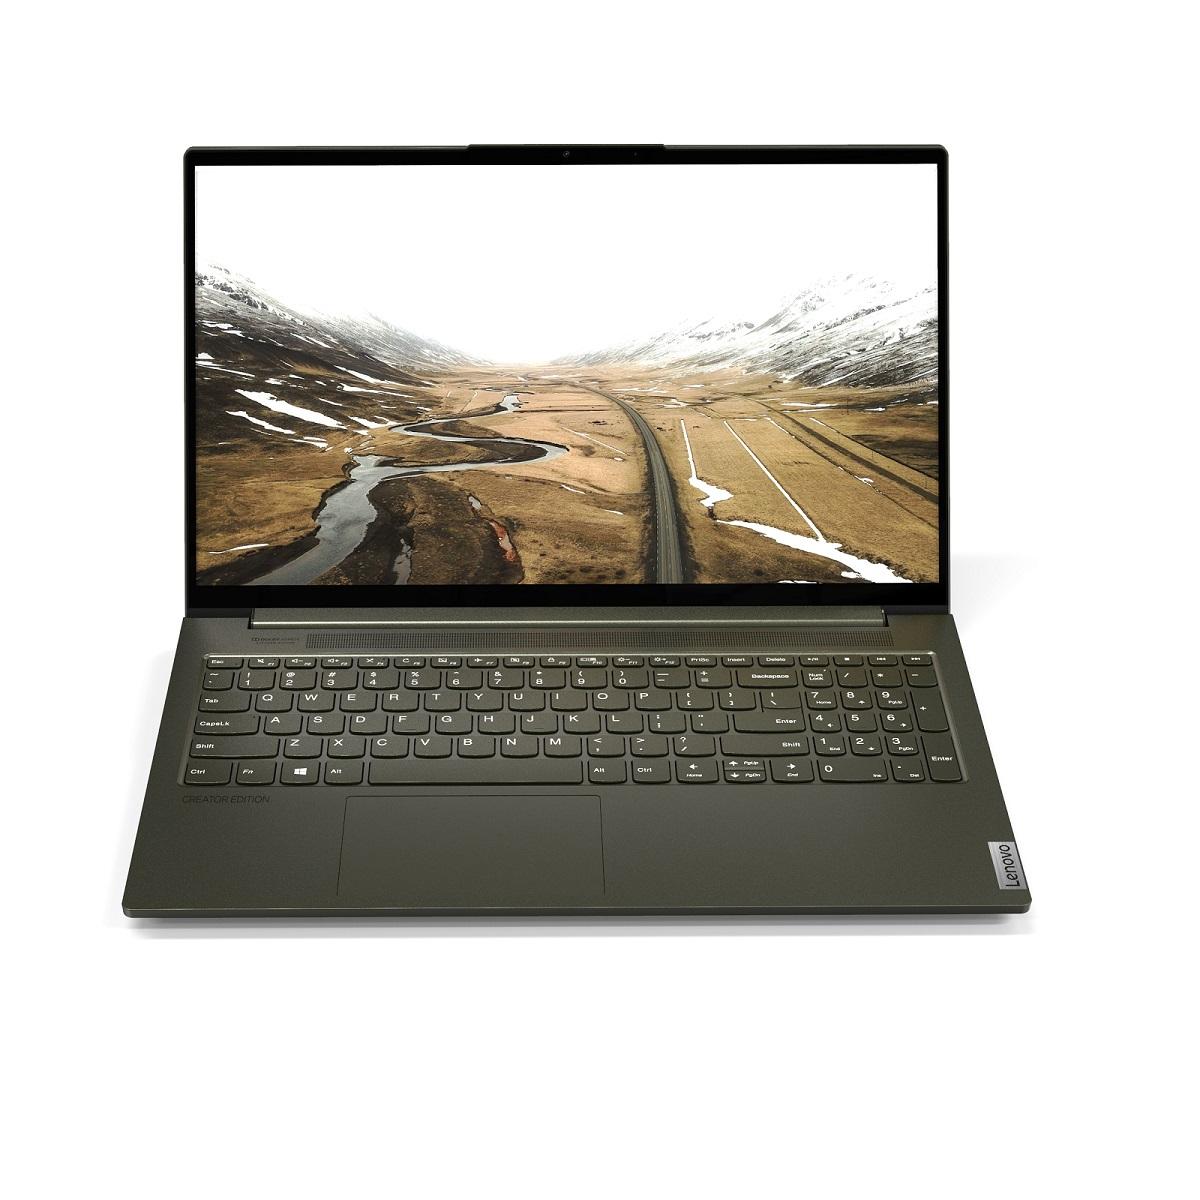 Инновационные ноутбуки от Lenovo: с поддержкой 5G, интеллектуальными функциями и на базе Chrome